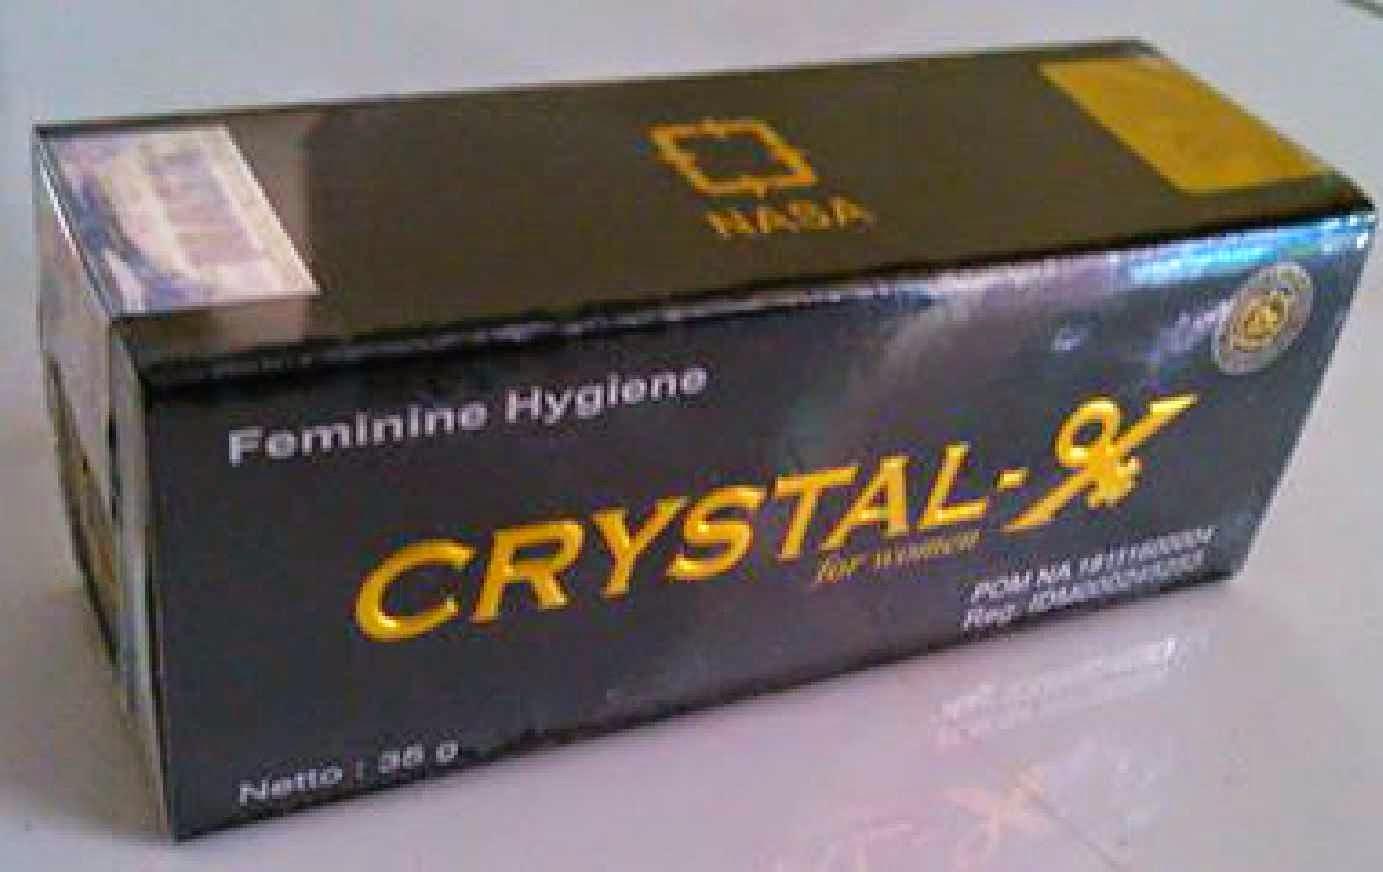 crystal x asli dan efek samping pemakaianya